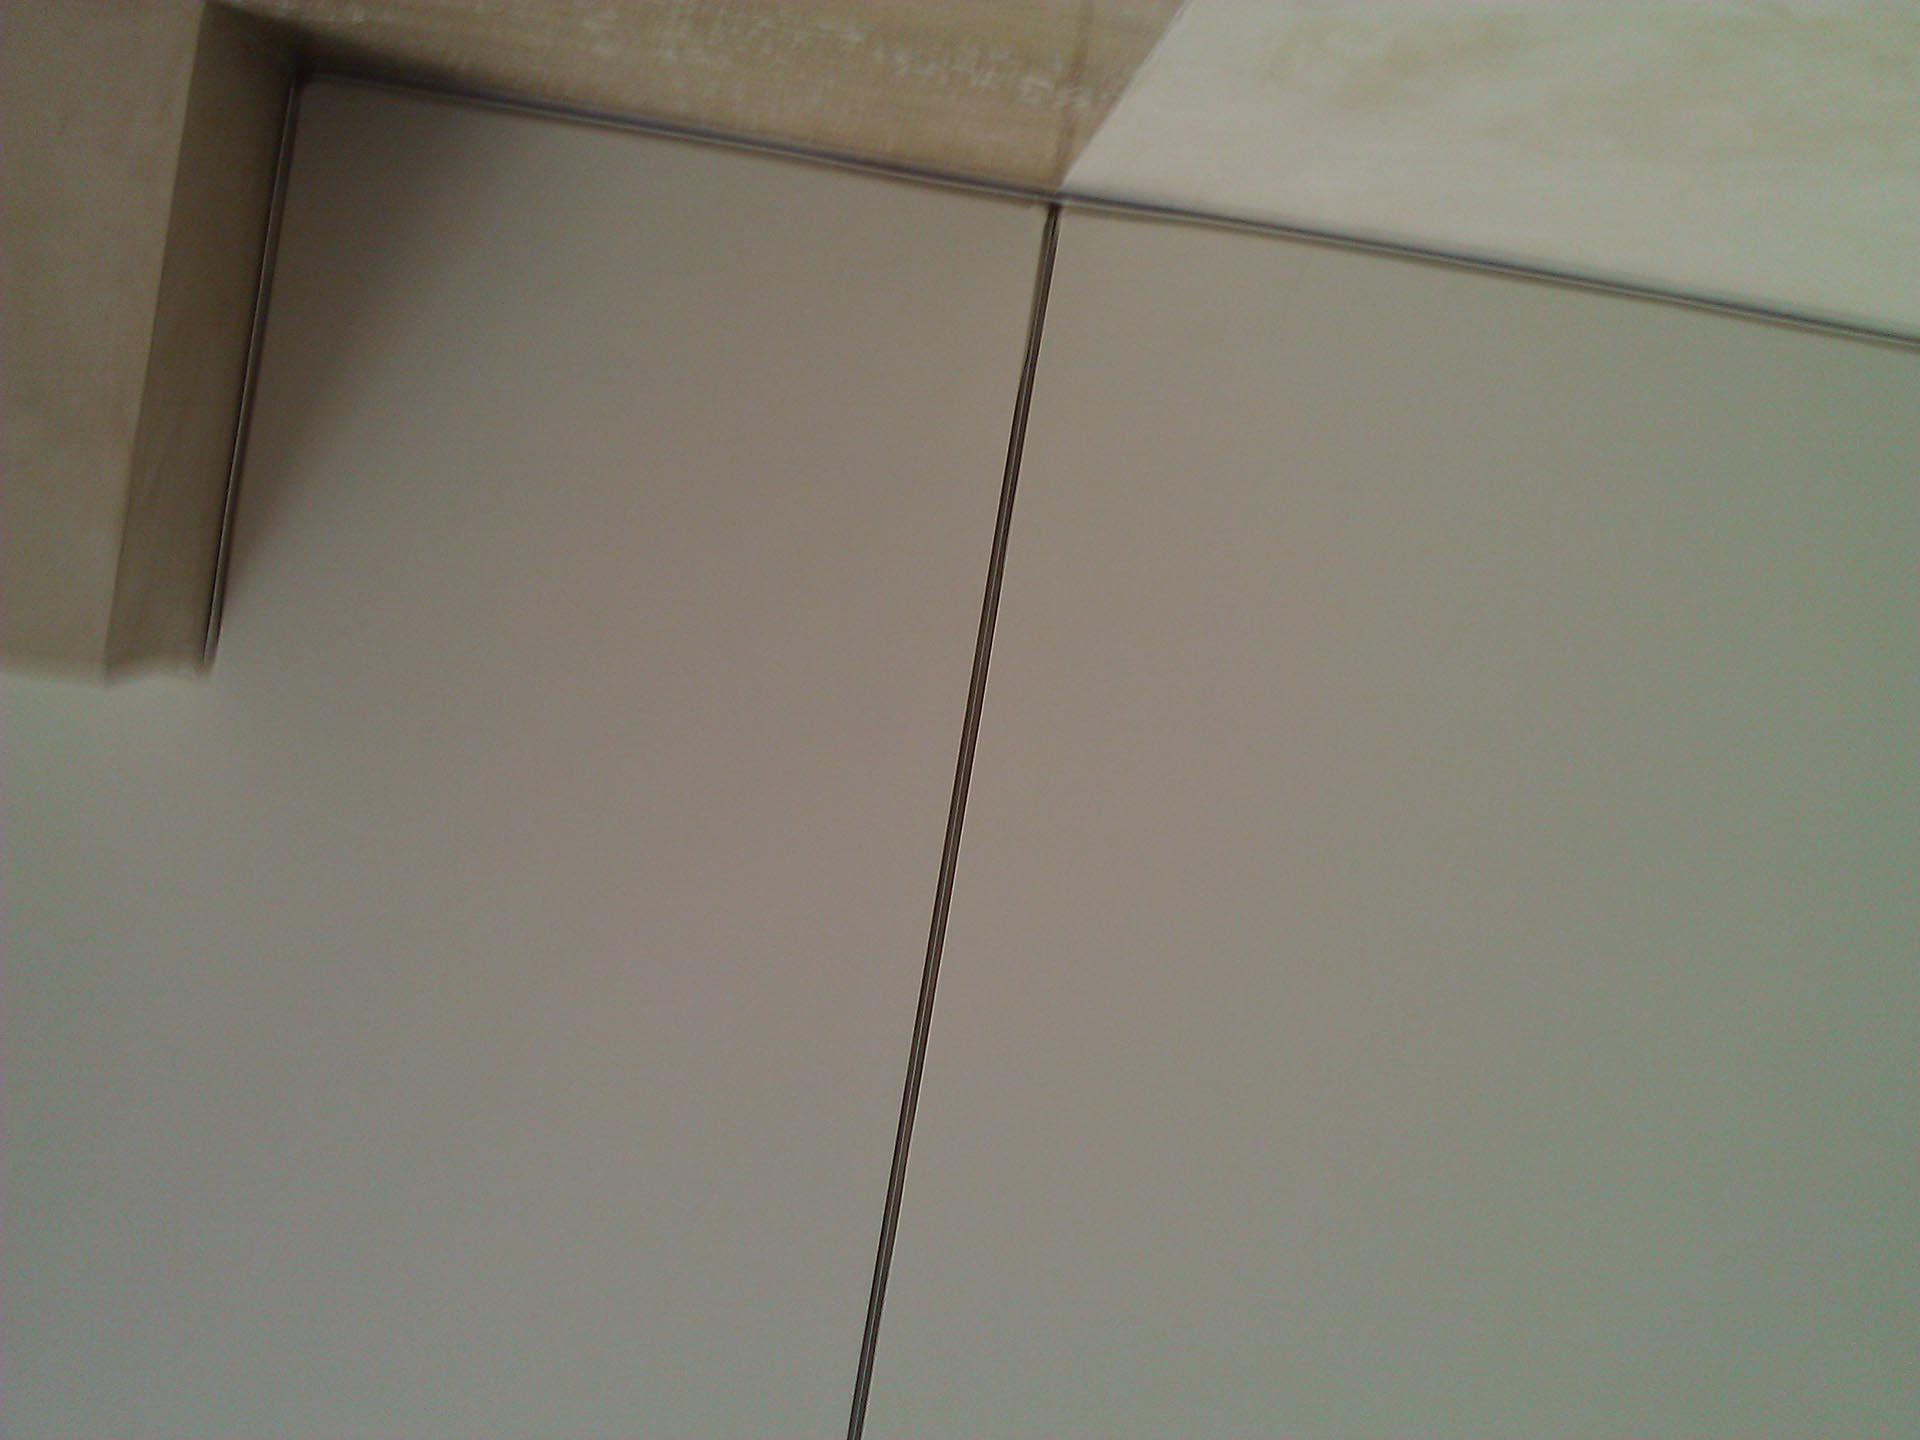 разделитель натяжной потолок